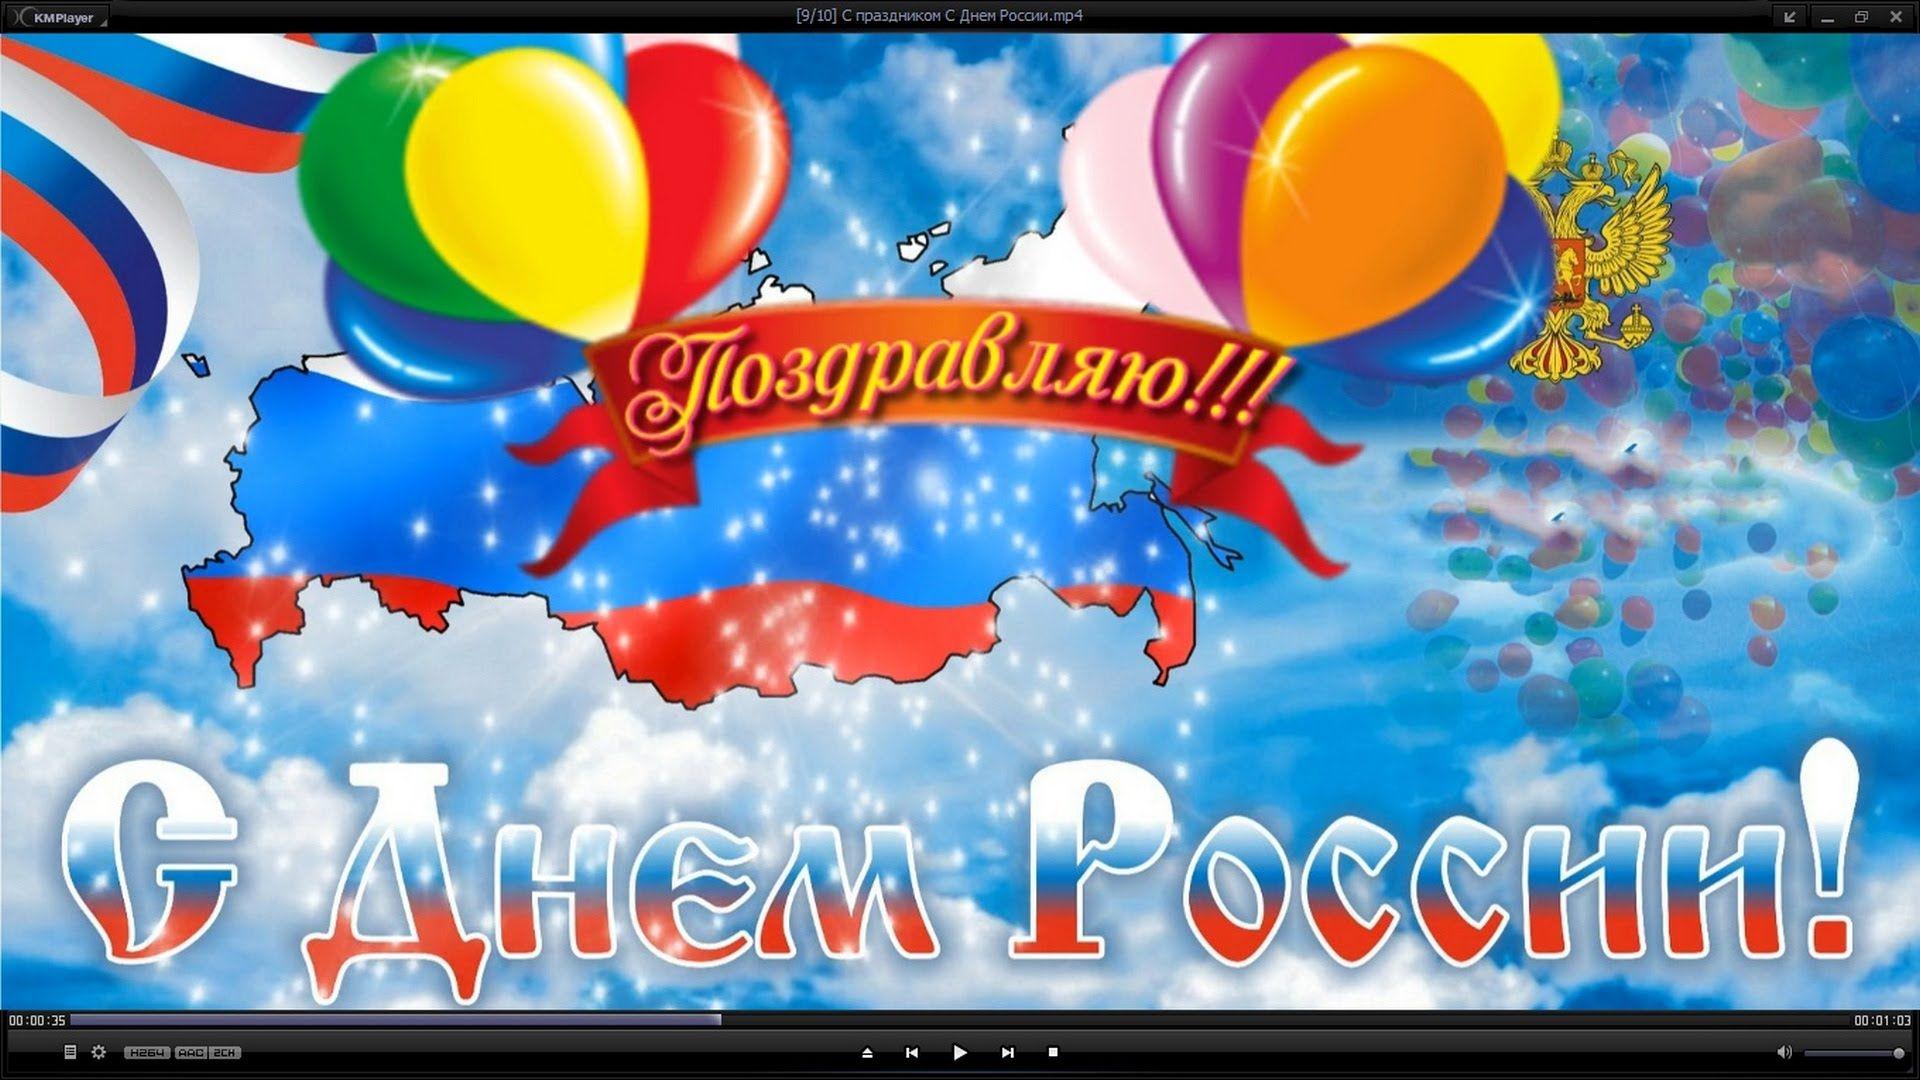 Маме день, с днем россии видео открытка